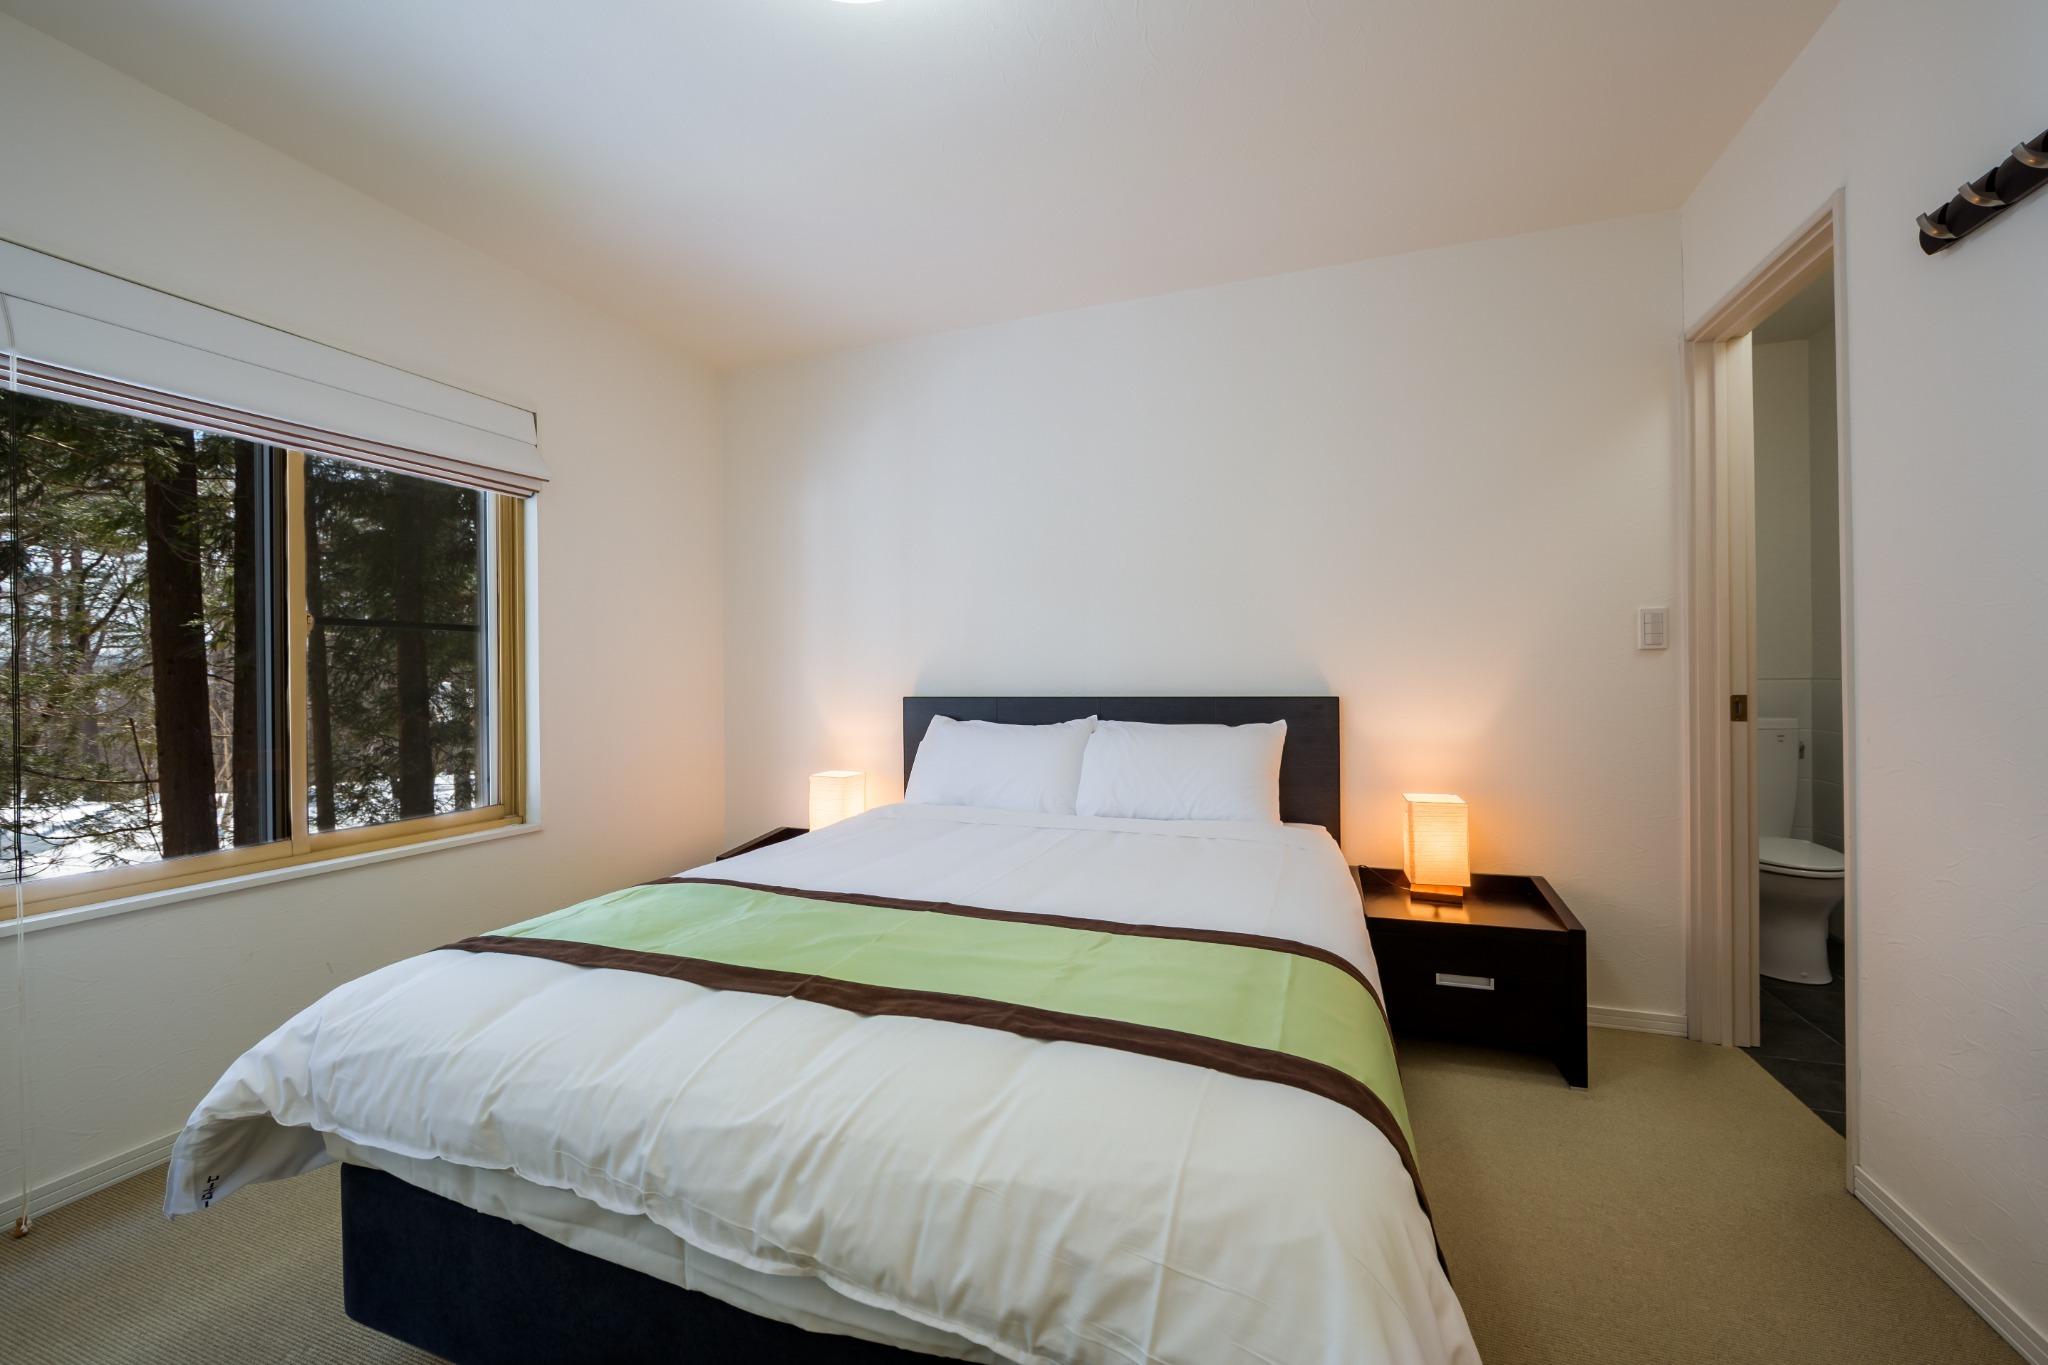 寝室ーダブルベッド(クイーンサイズ)